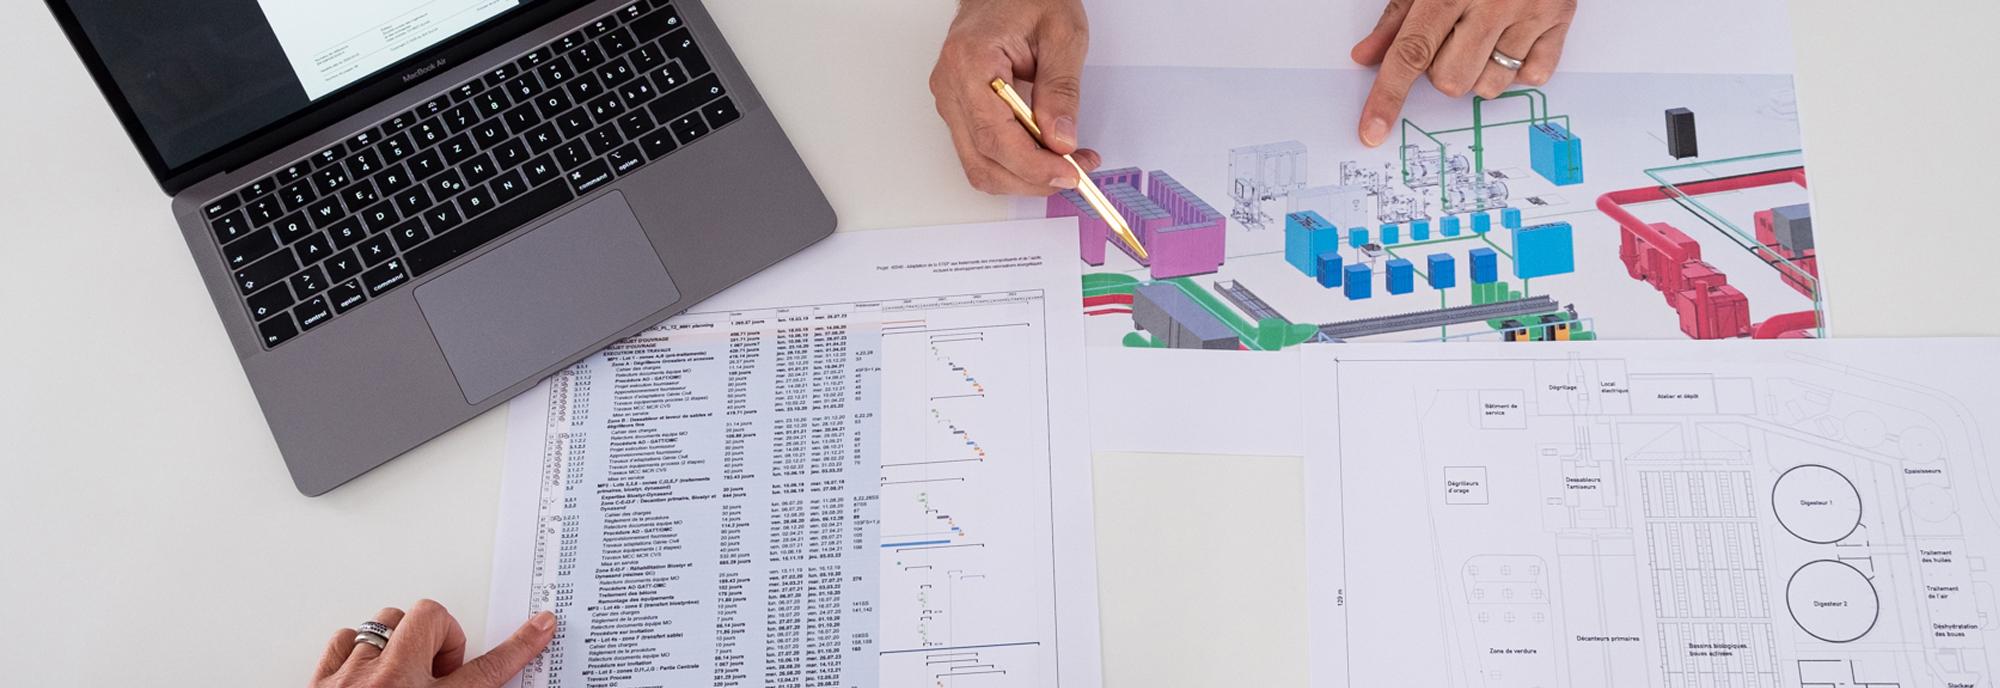 maîtrise d'ouvrage, maître d'ouvrage, maître d'oeuvre, mch-consultants, élaboration cahiers des charges, suivi des budget et des coûts, application de la réglementation, respect des délais